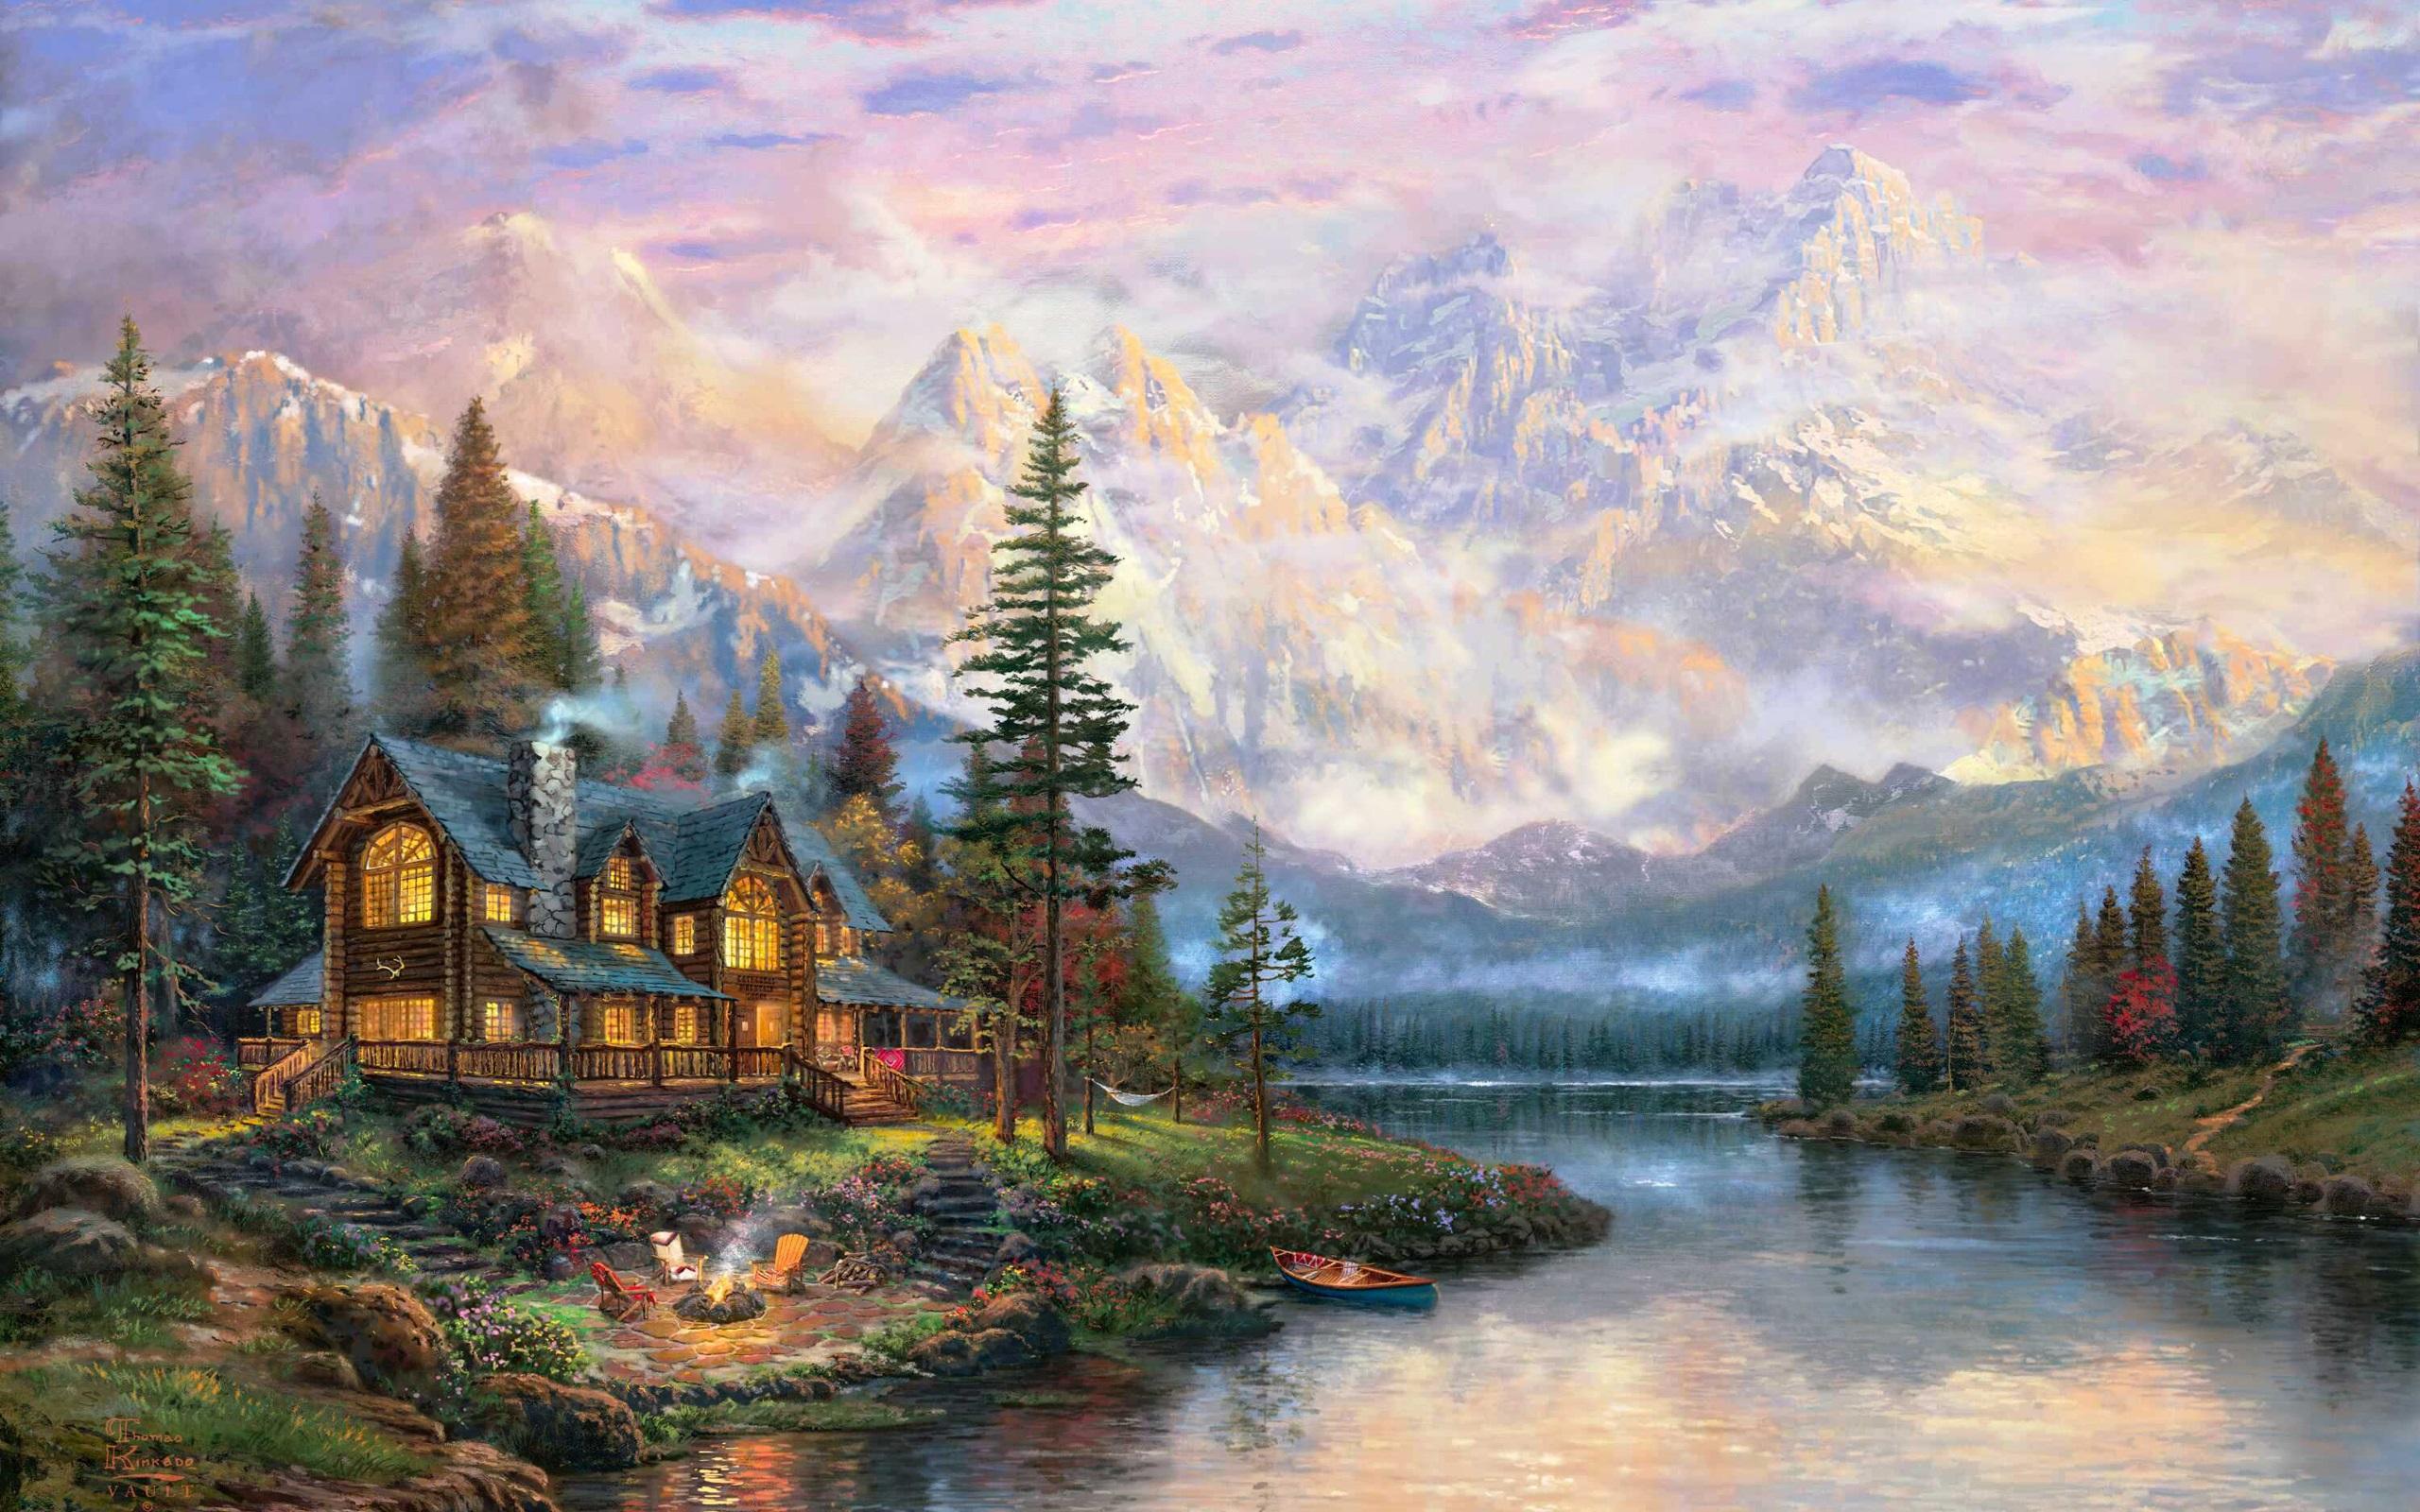 художественный картинка пейзаж впервые взяла руки